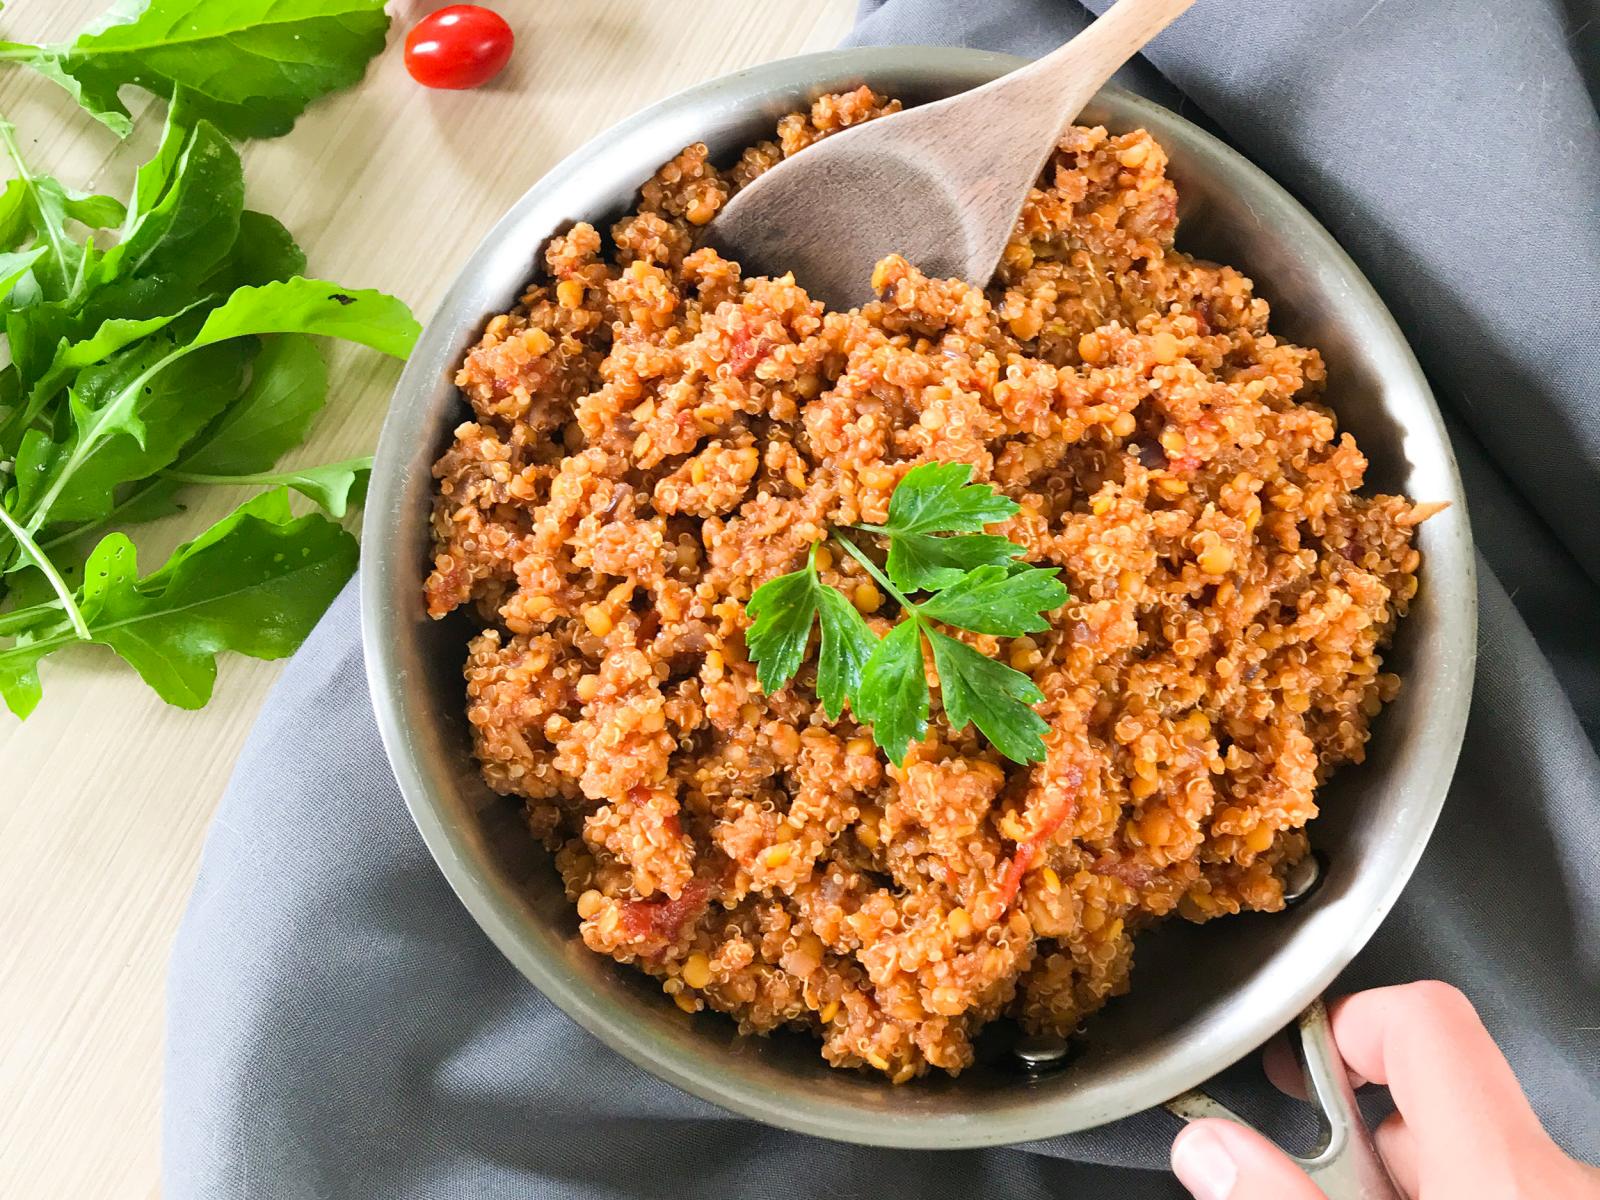 Vegan Quinoa that tastes like baked beans